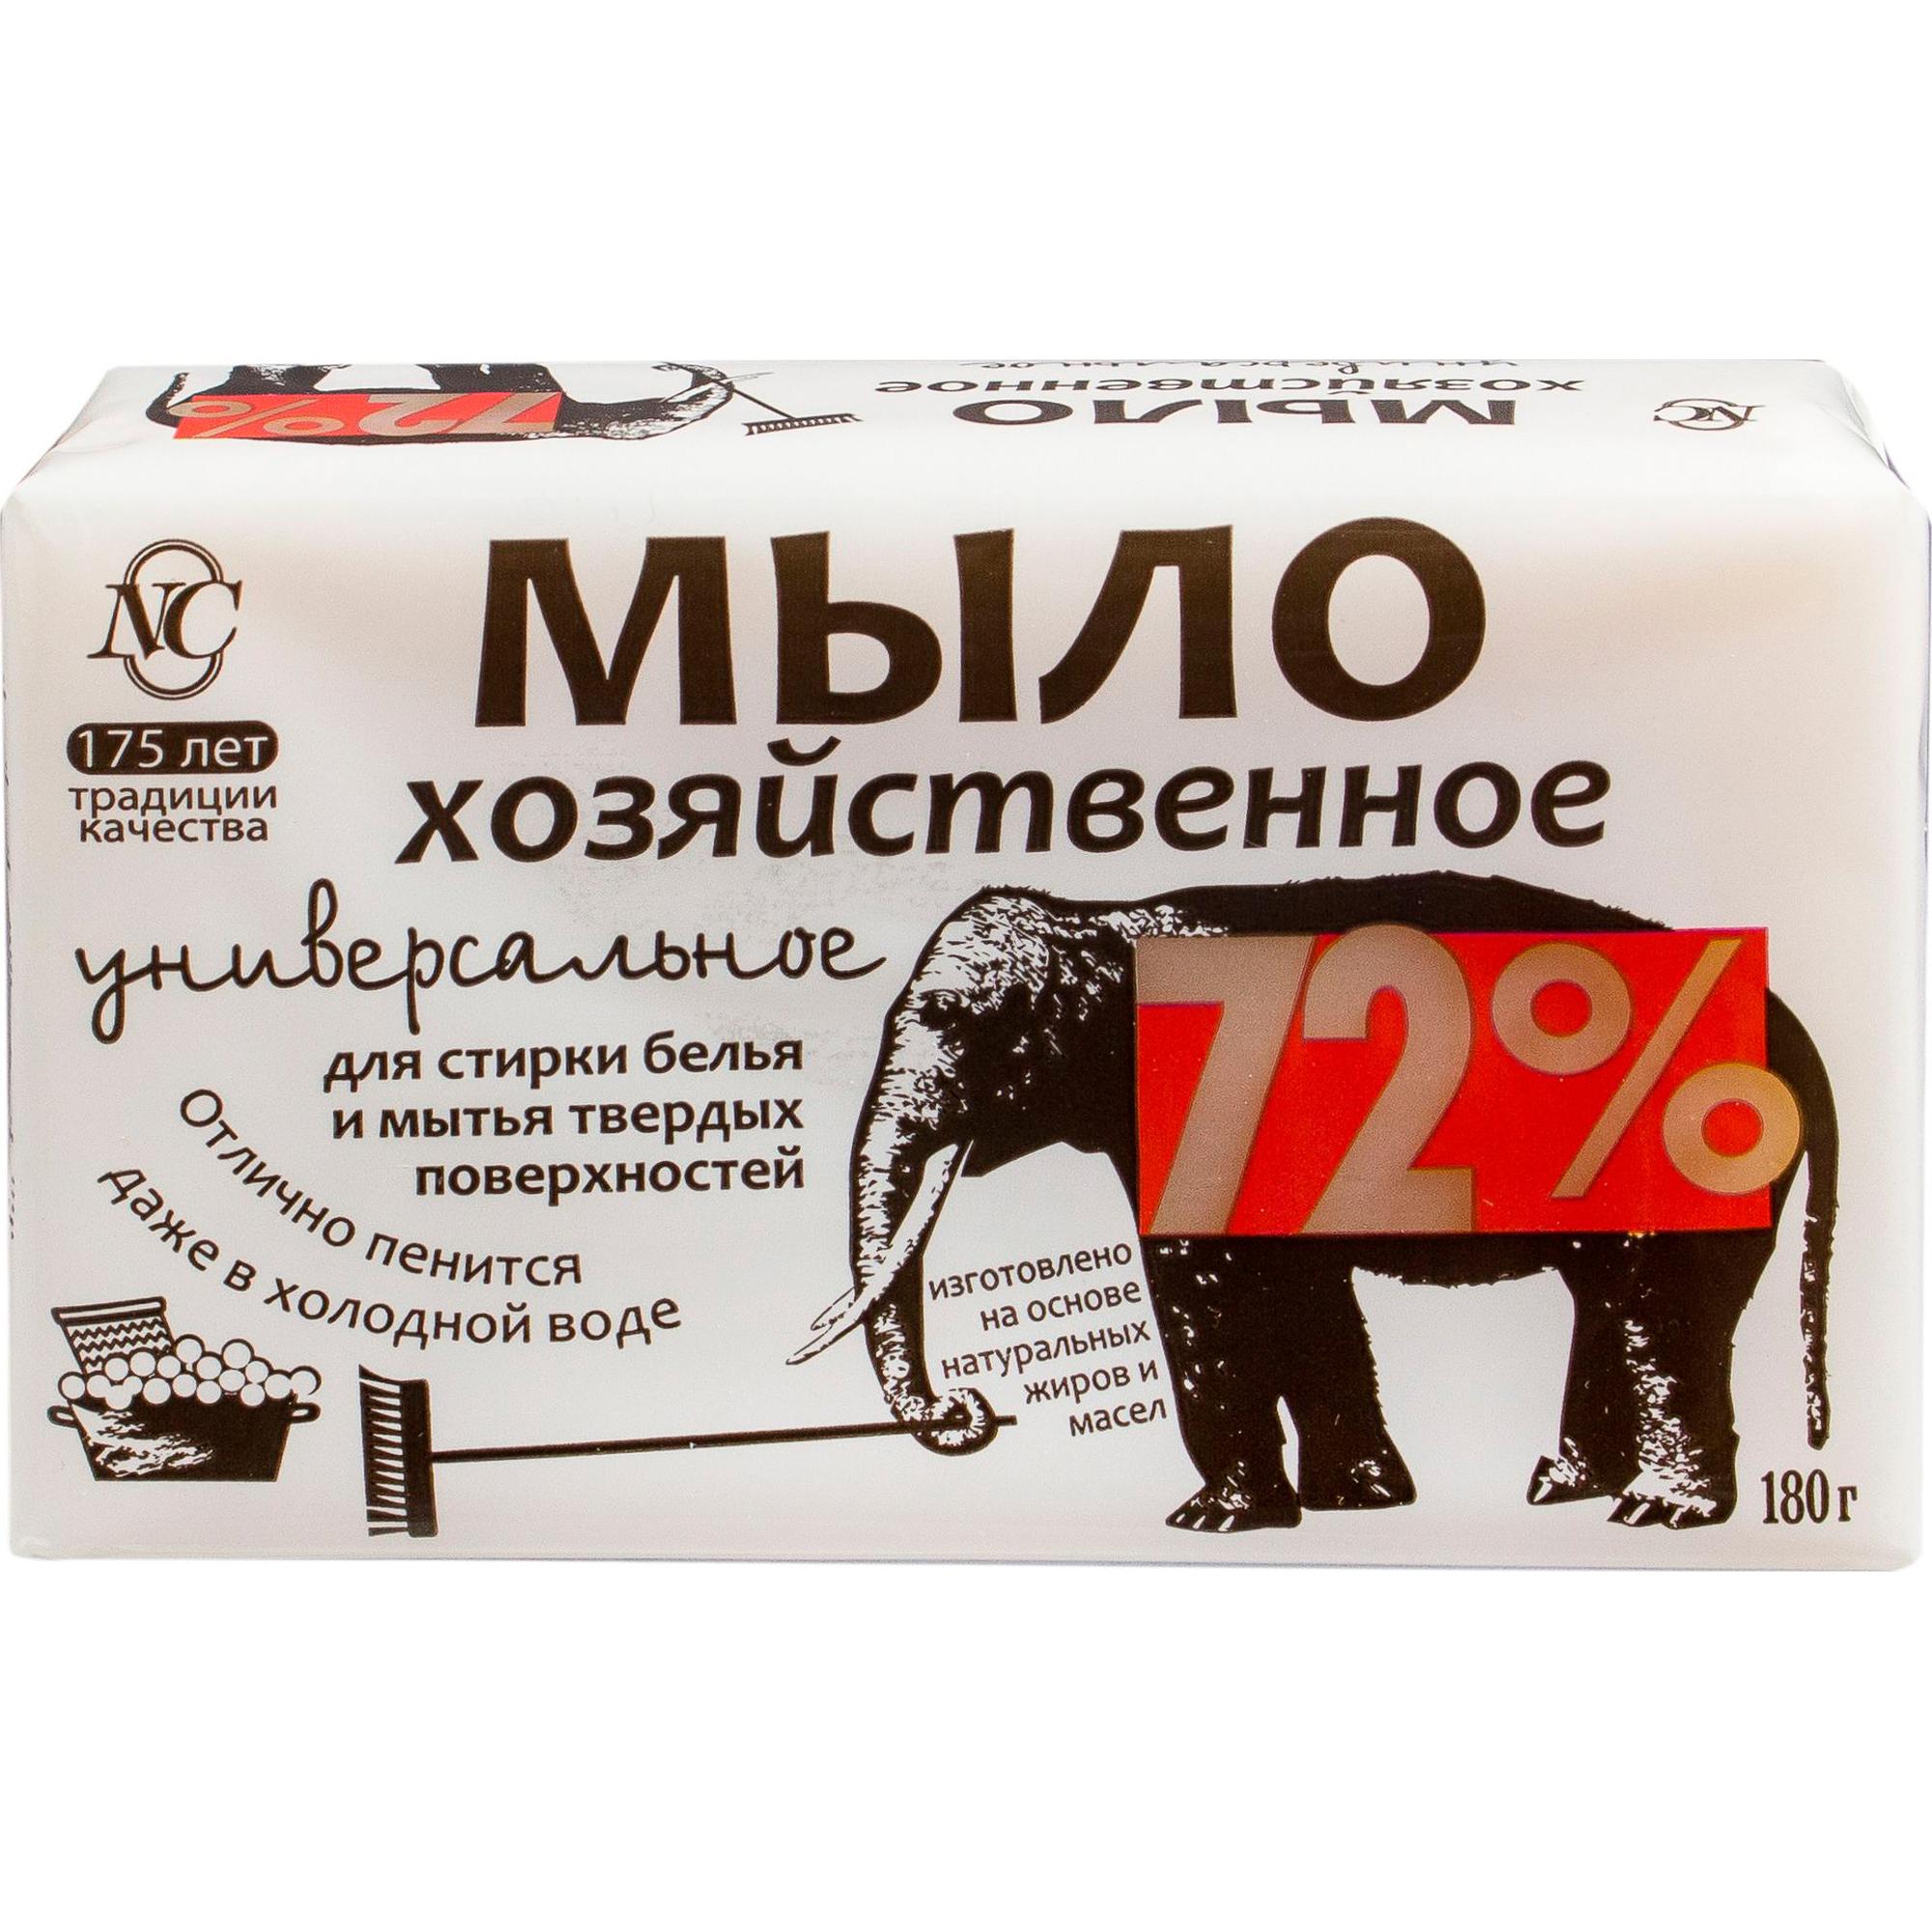 Невская косметика хозяйственное мыло купить в онлайн каталог эйвон скачать